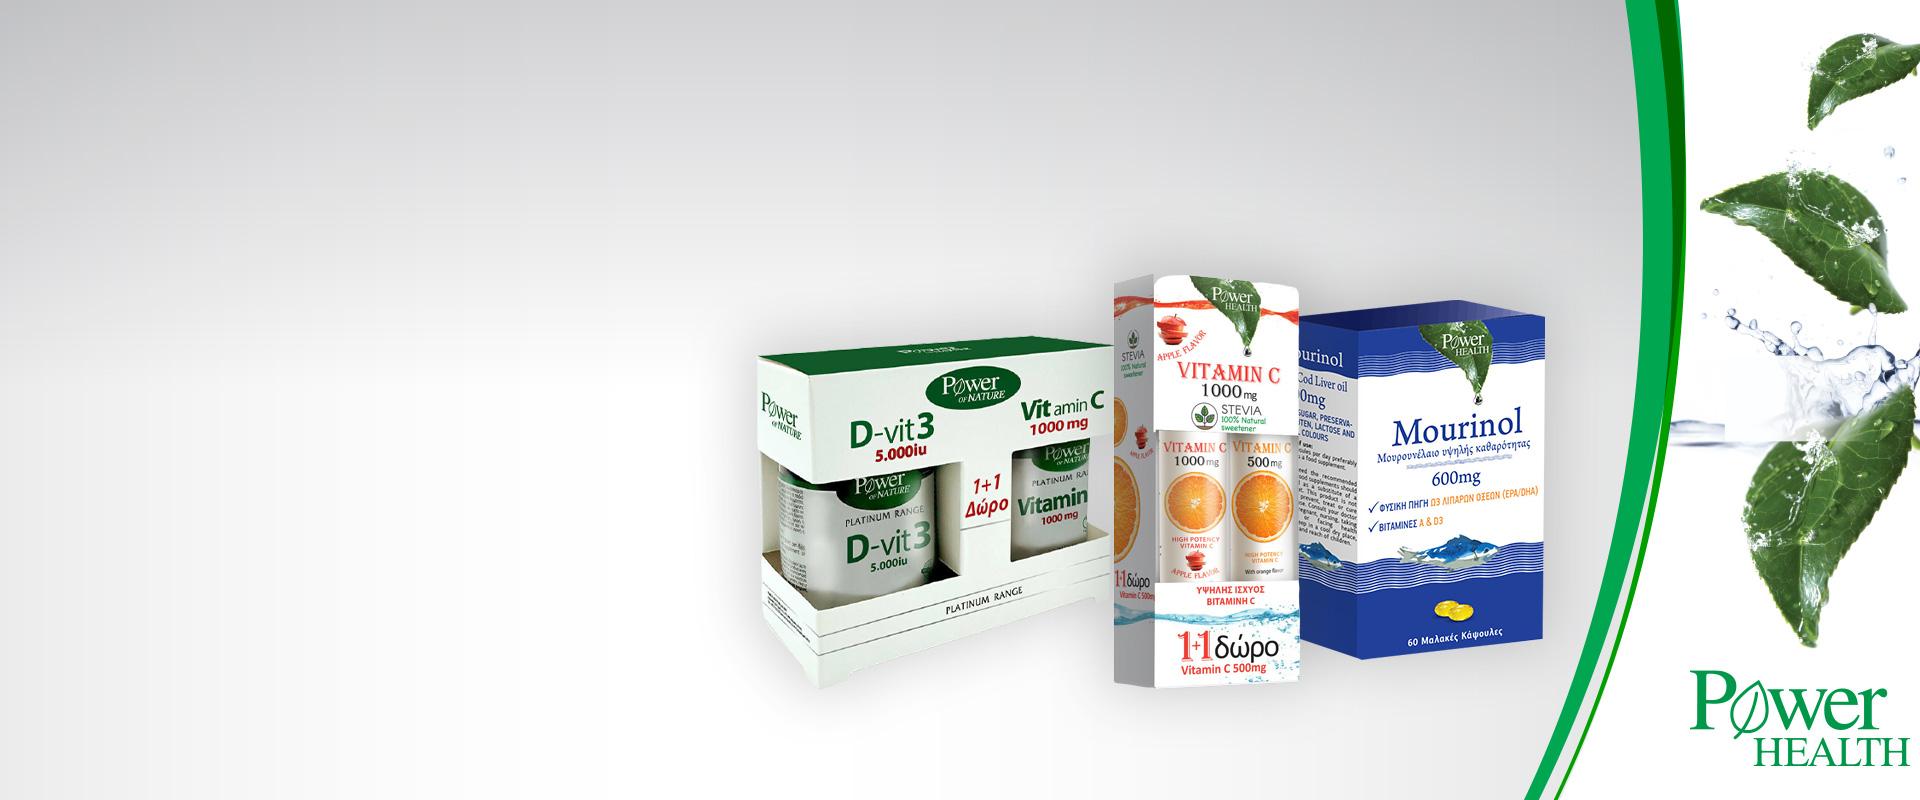 Αγαπημένα προϊόντα Power Health έως -58%